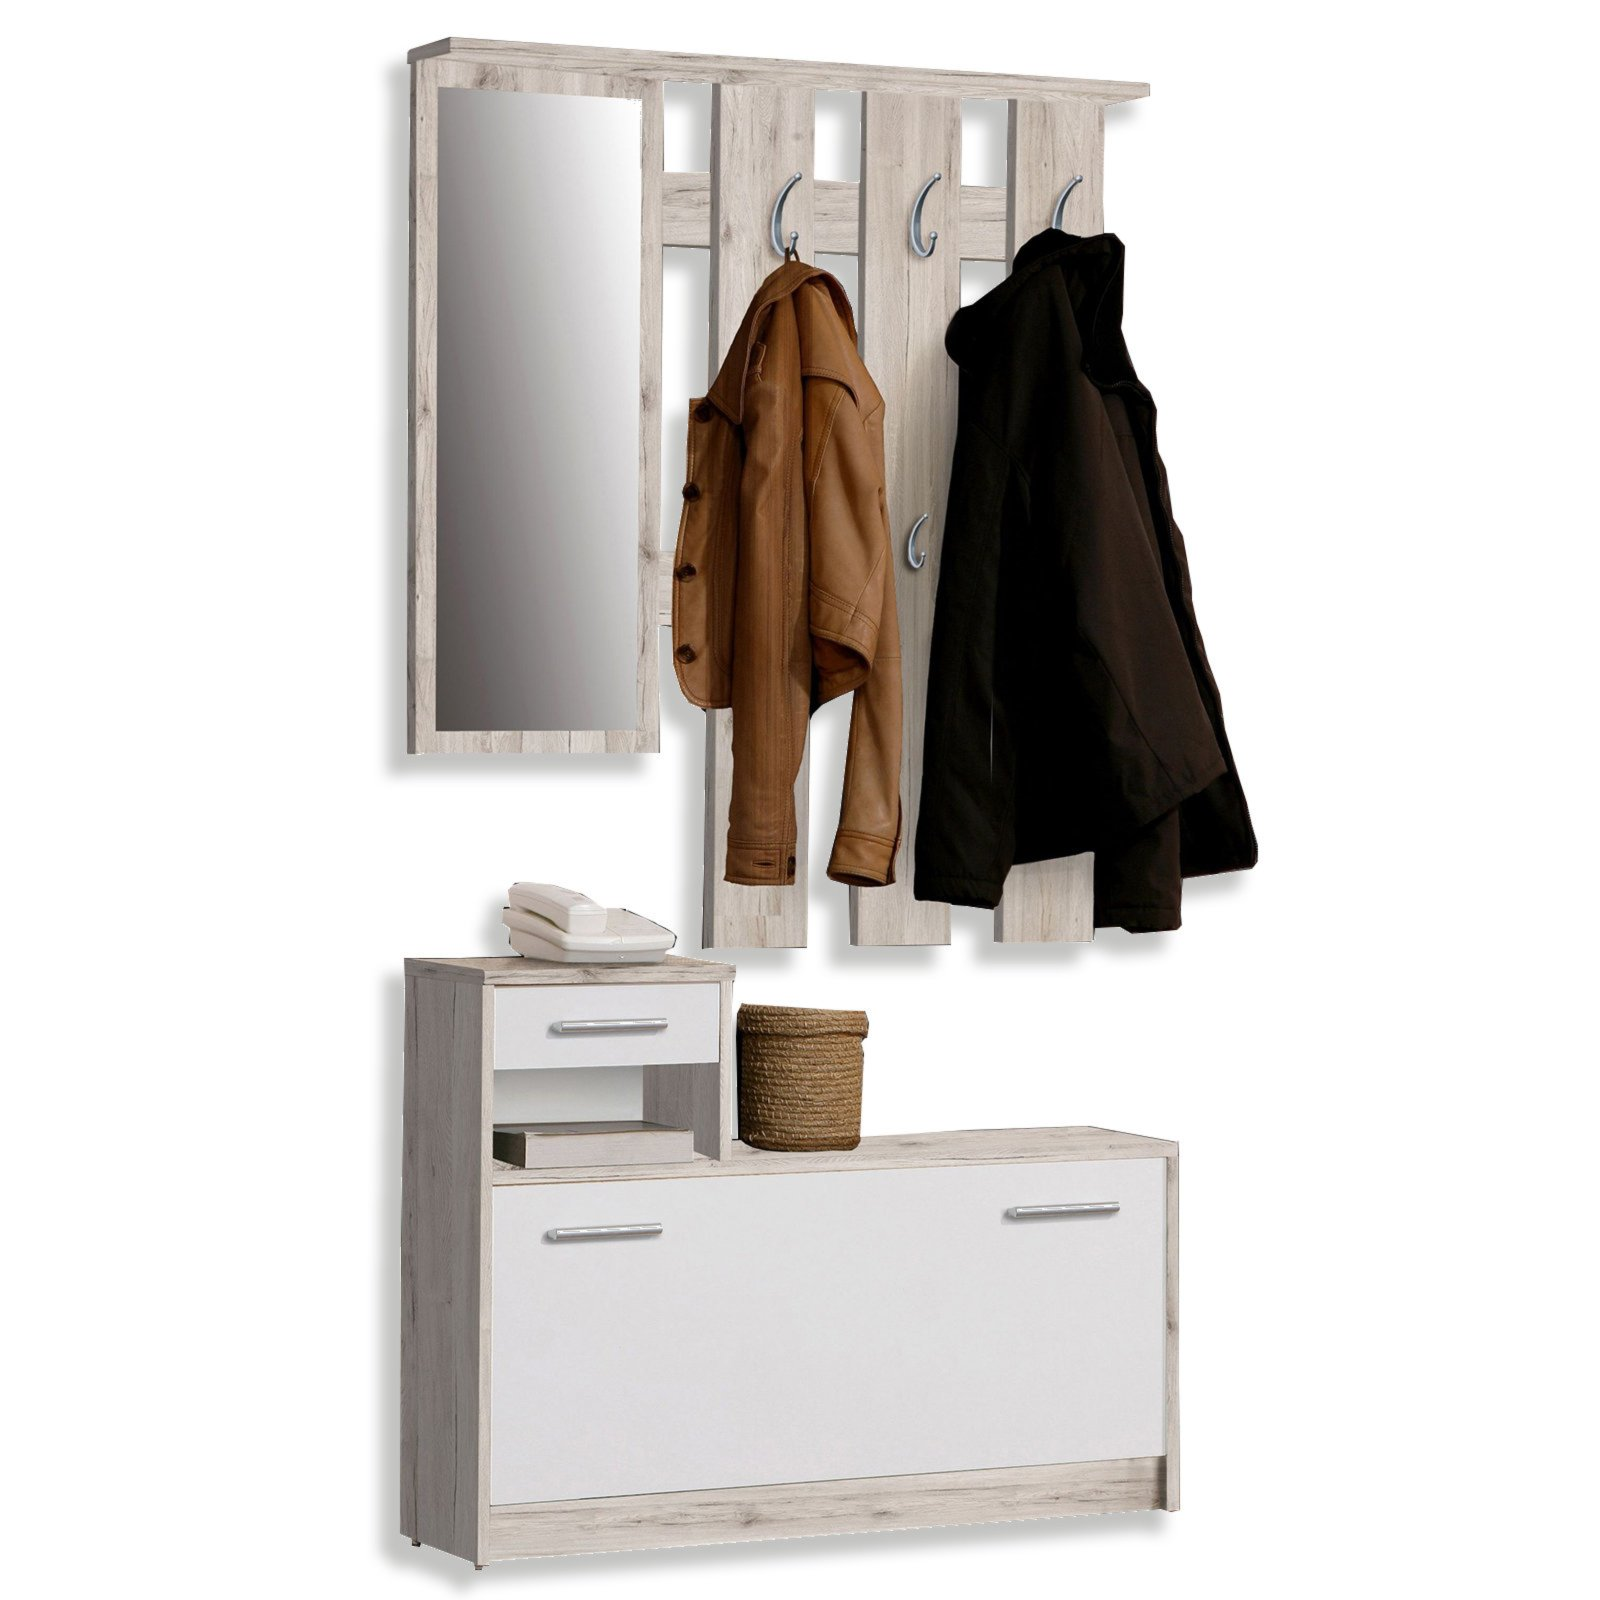 Garderobe foxi sandeiche 98 cm breite garderoben for Breite garderobe